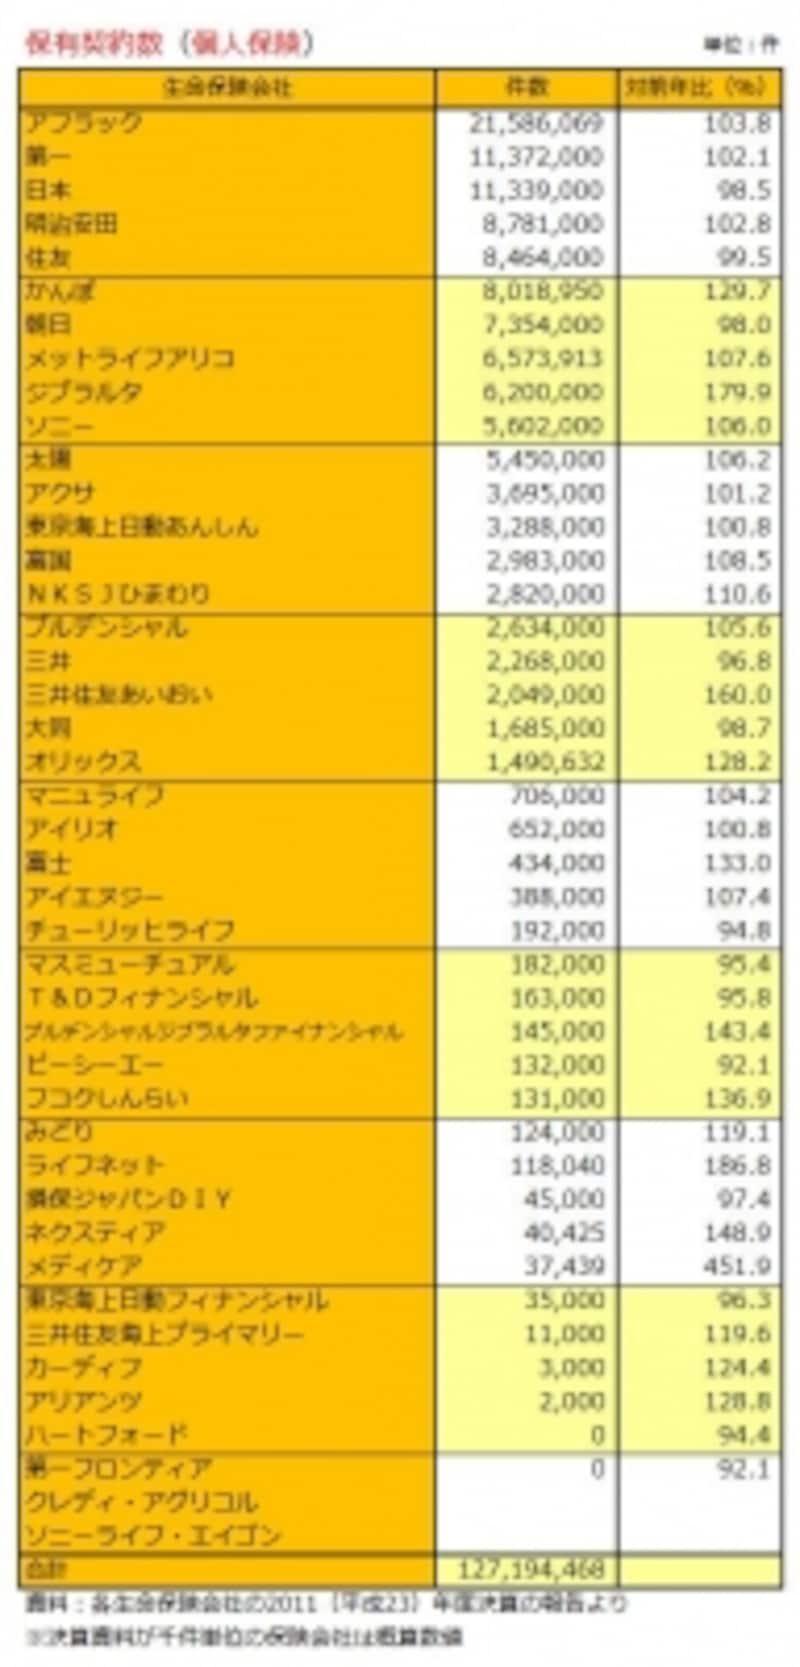 生保43社の 保有契約件数(個人保険)